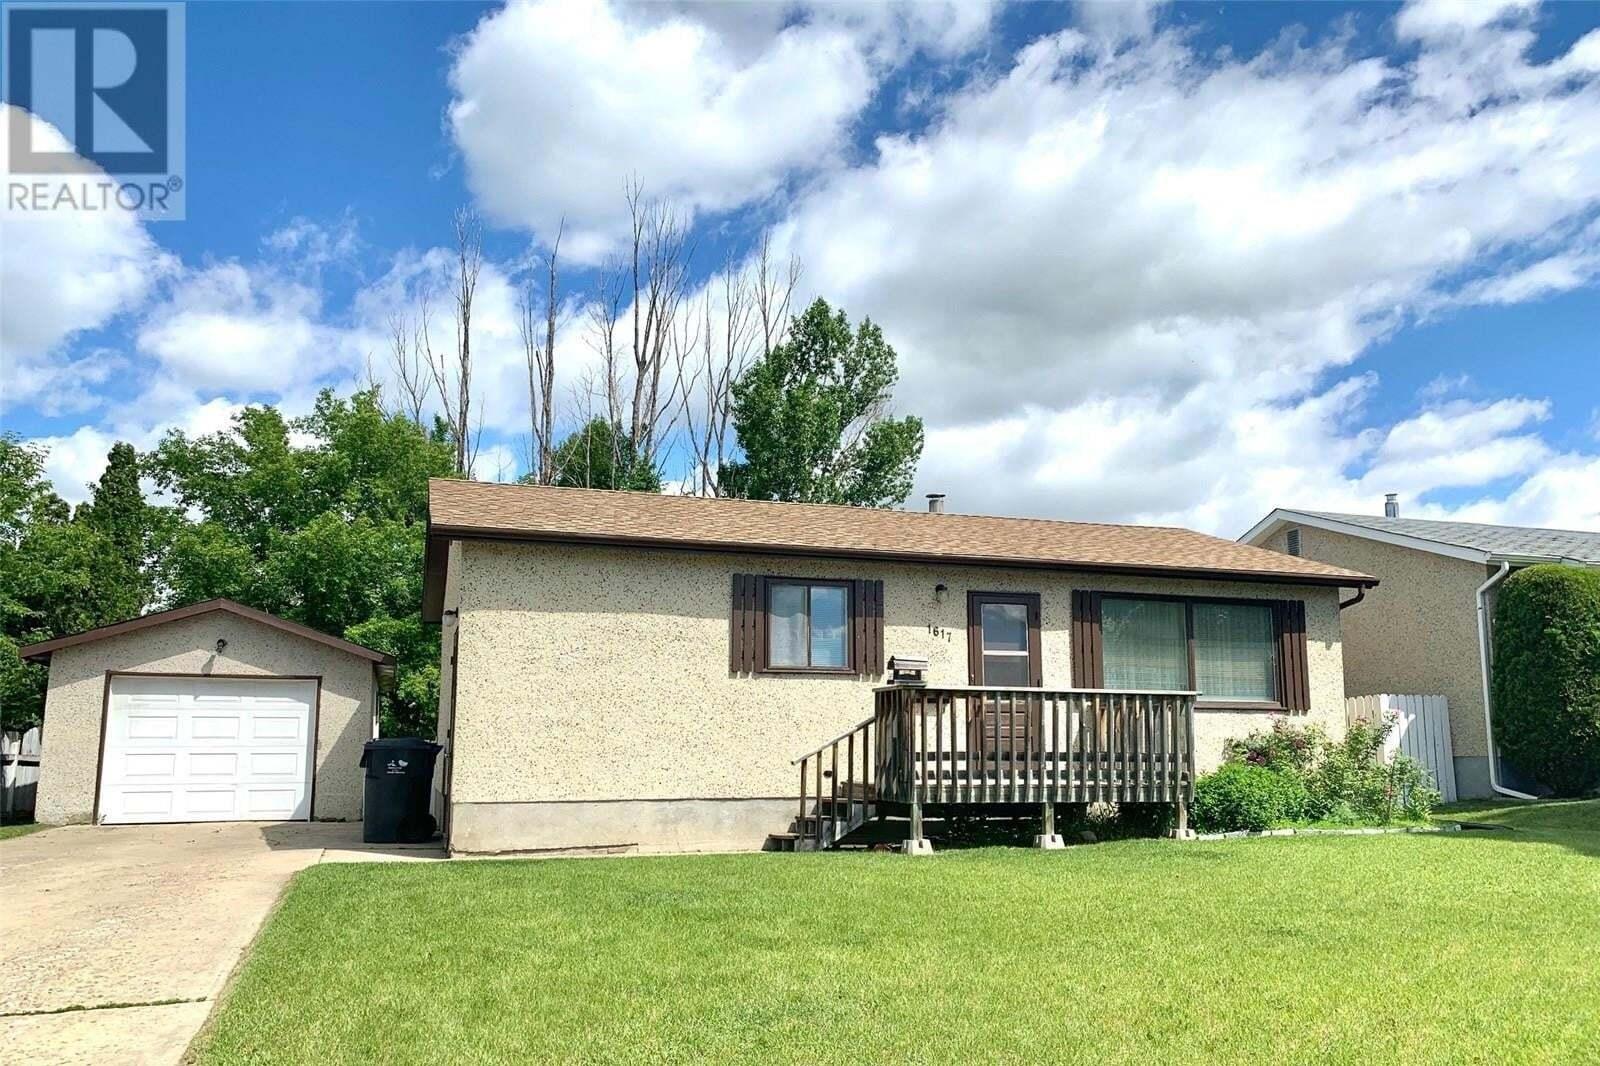 House for sale at 1617 St Laurent Dr North Battleford Saskatchewan - MLS: SK814573